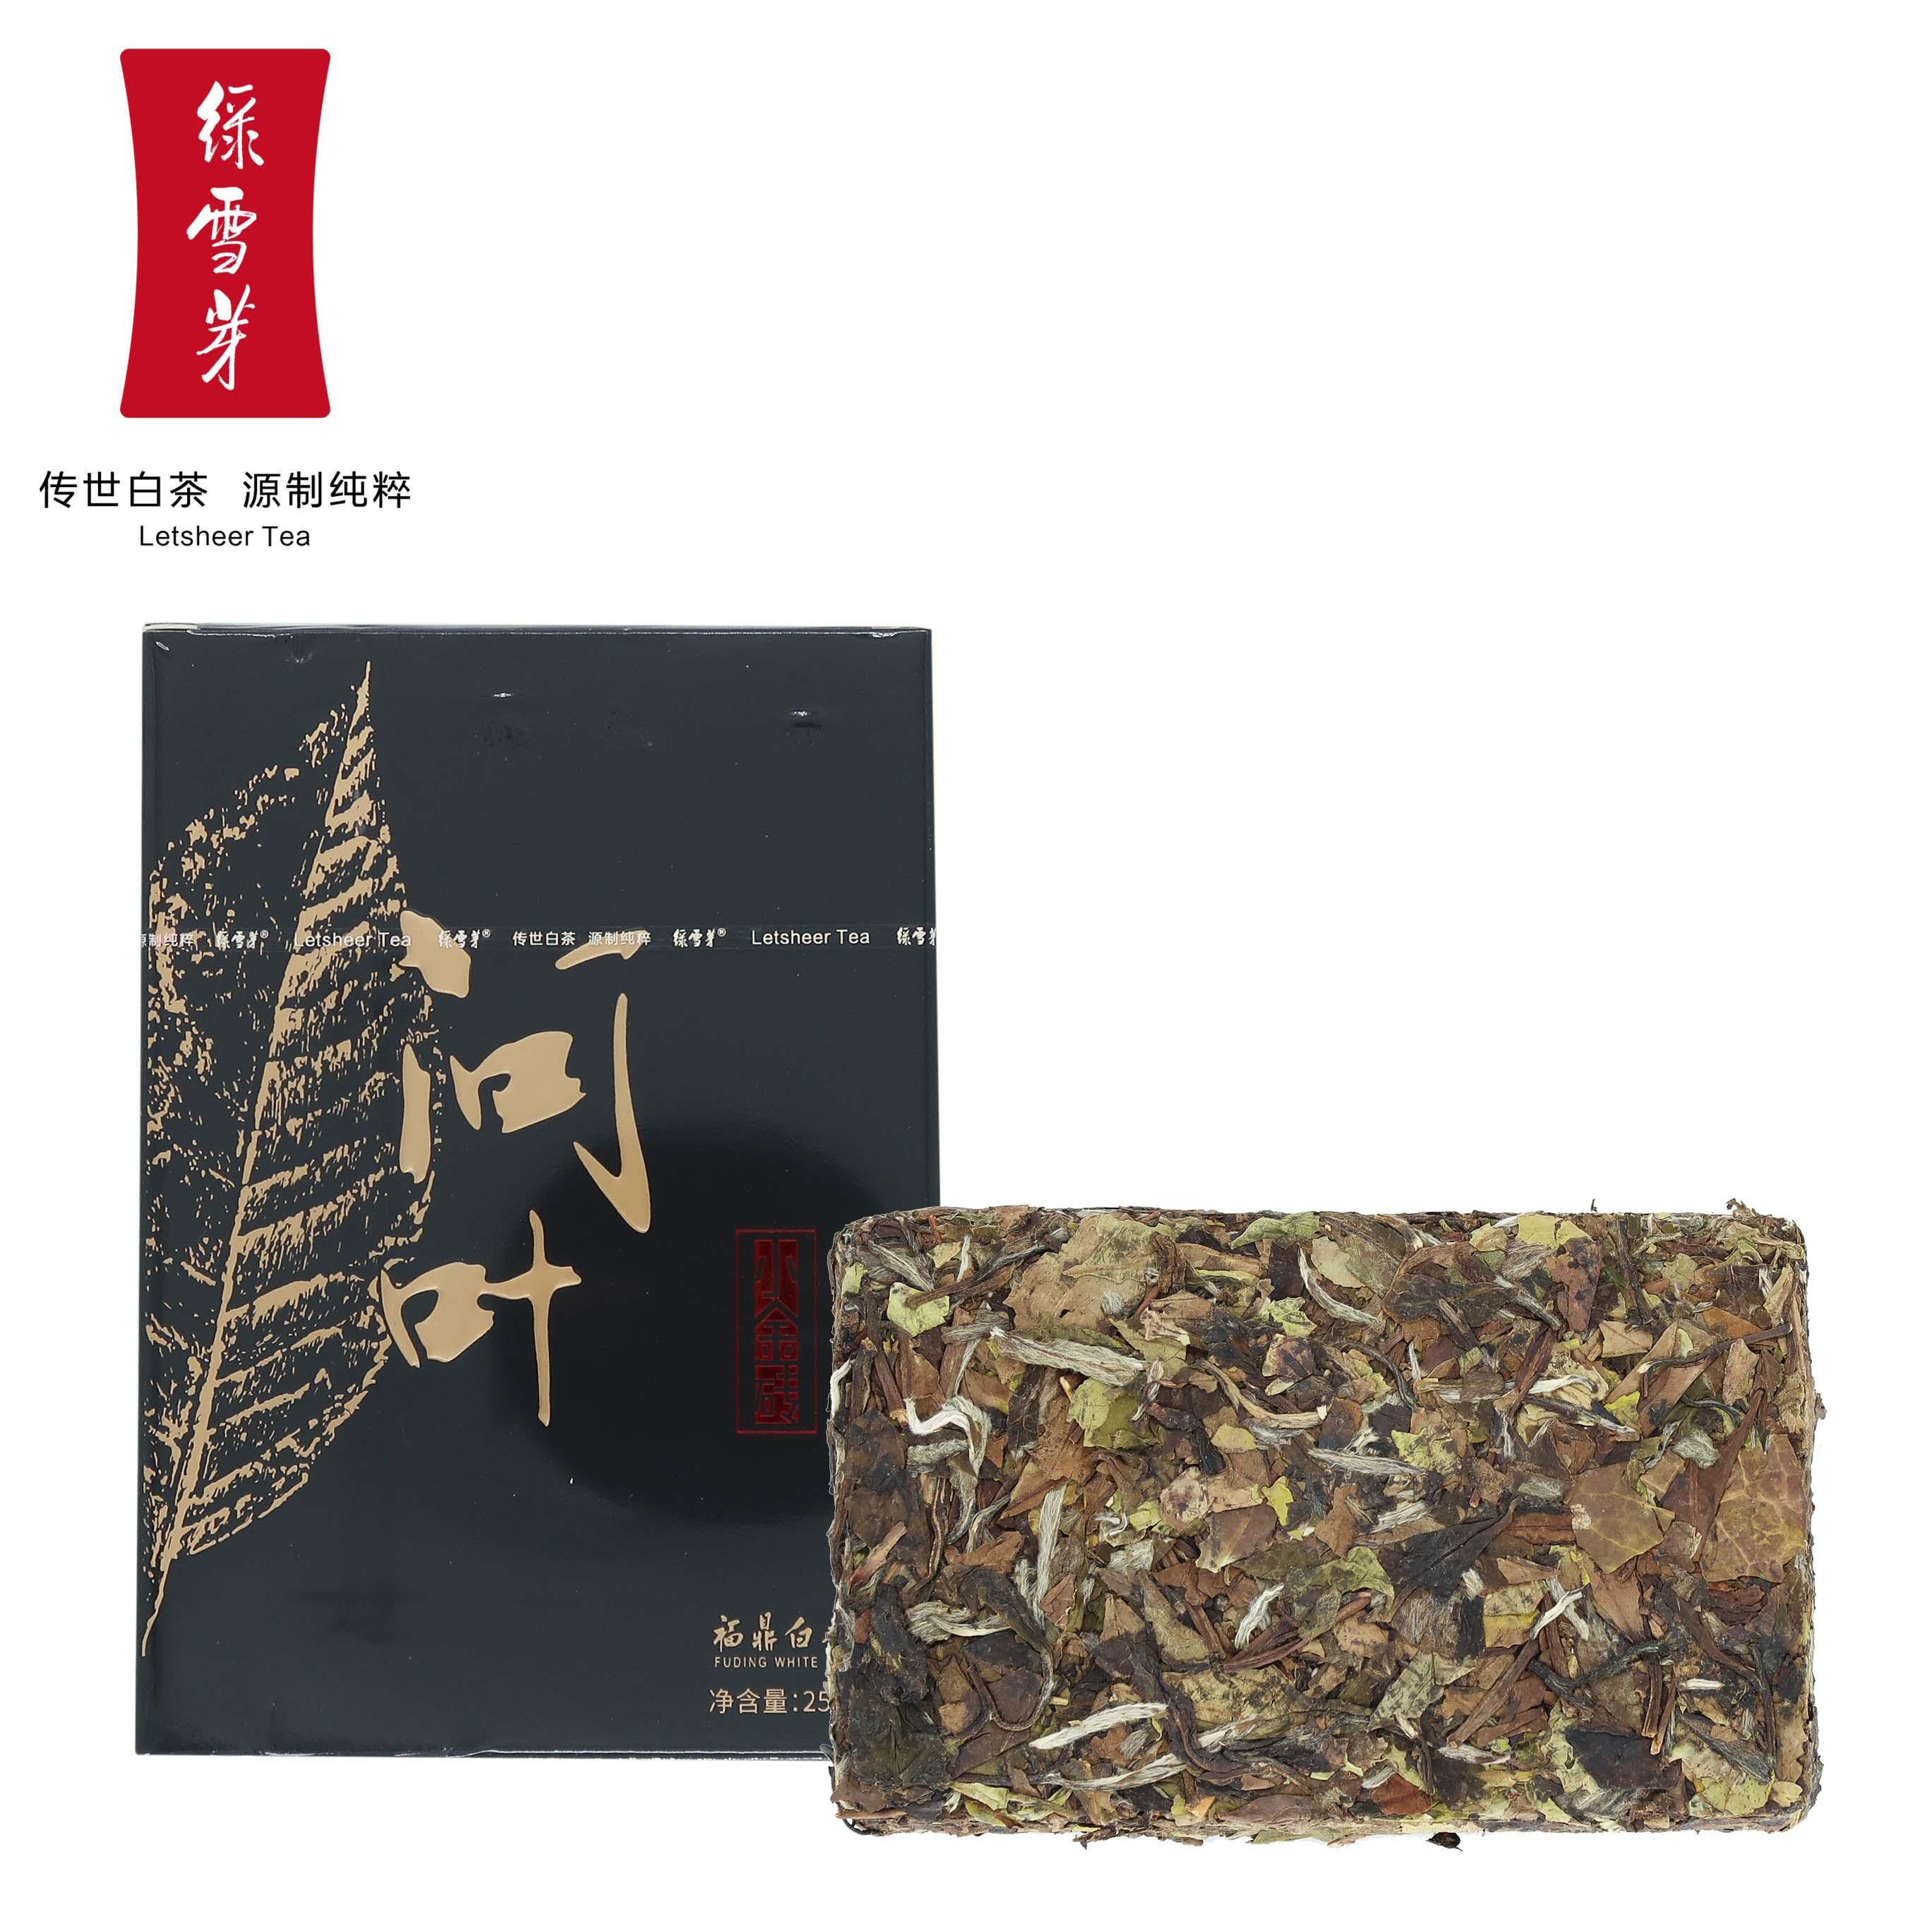 绿雪芽问叶福鼎白茶2017年高山白牡丹250g茶砖陈年白茶实惠装